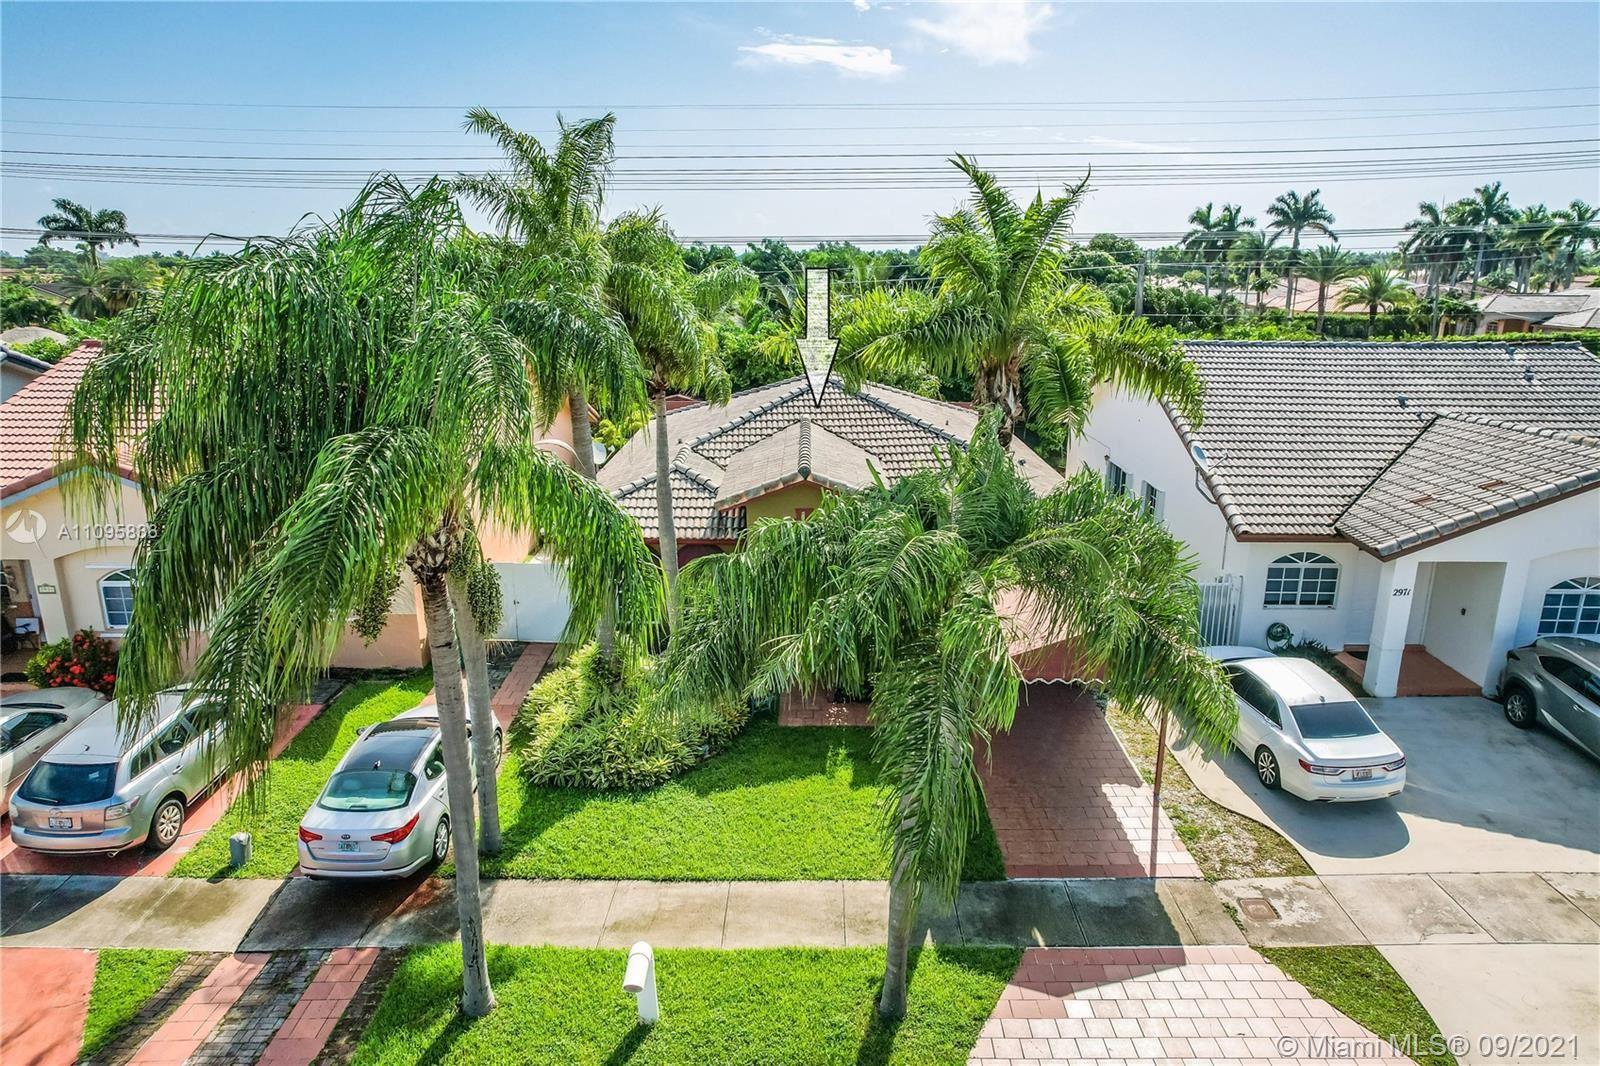 2951 SW 136th Ct, Miami, FL 33175 - #: A11095836